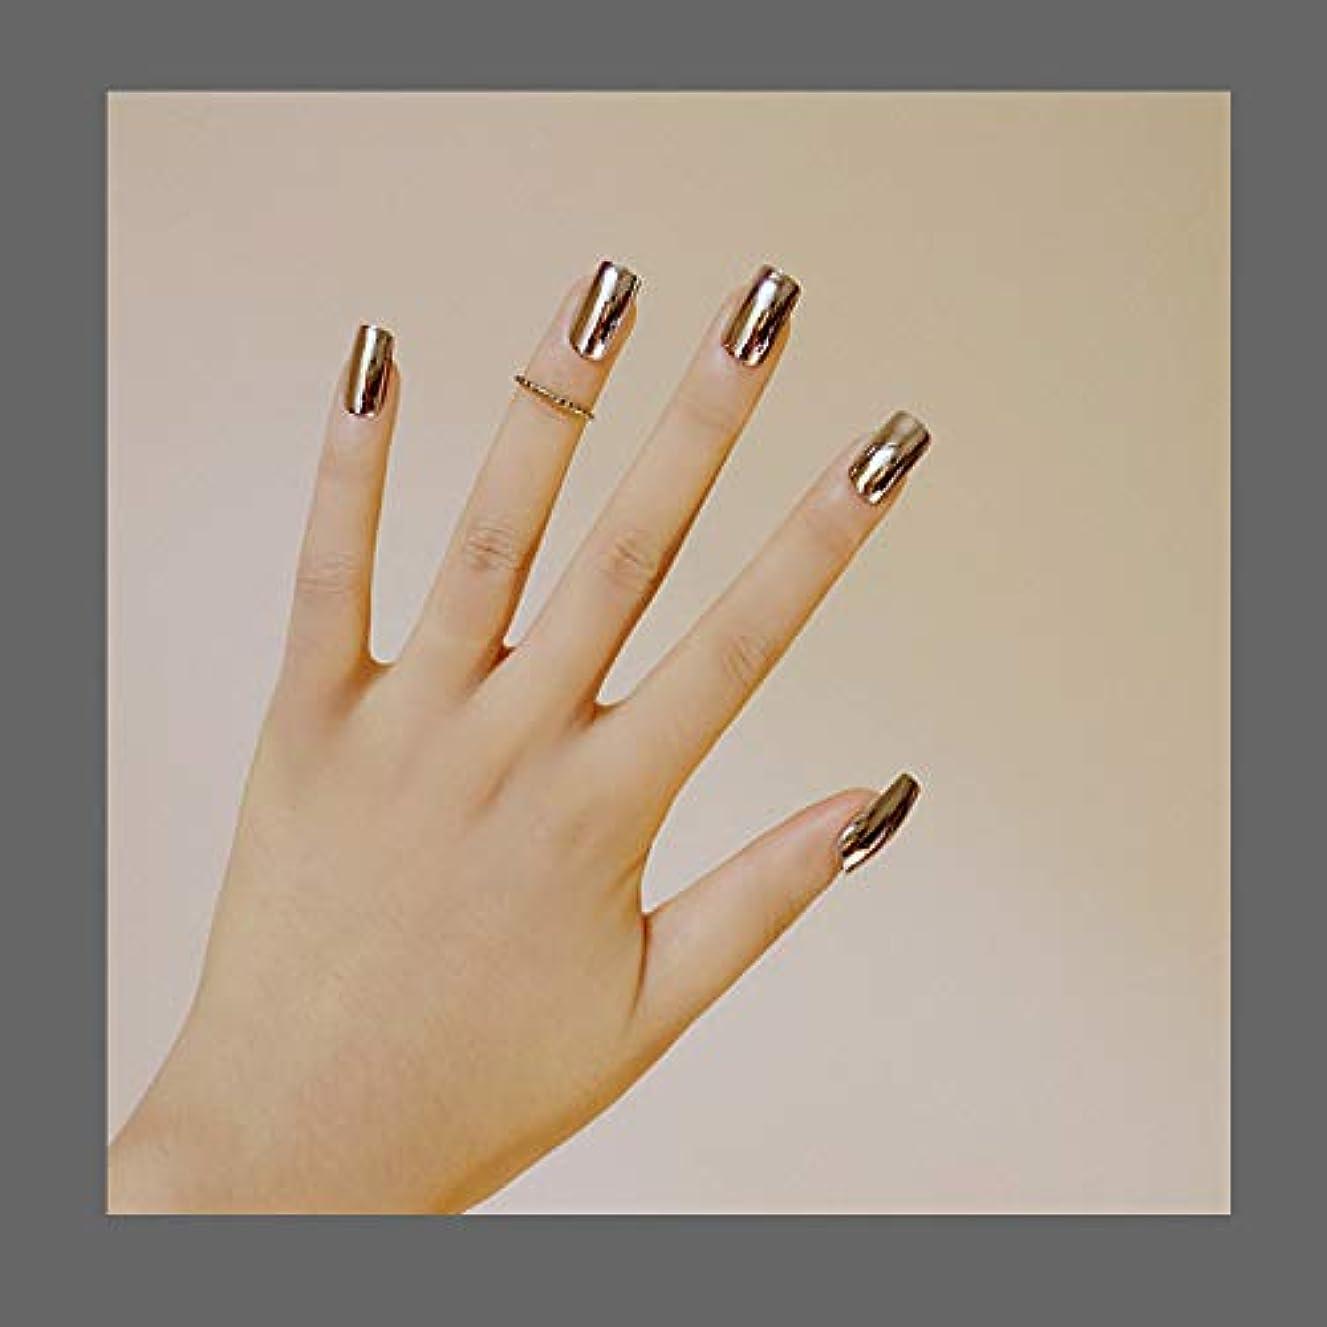 動的ユーザー修正する欧米で流行るパンク風付け爪 色変化のミラー付け爪 24枚付け爪 フラットヘッド 銀